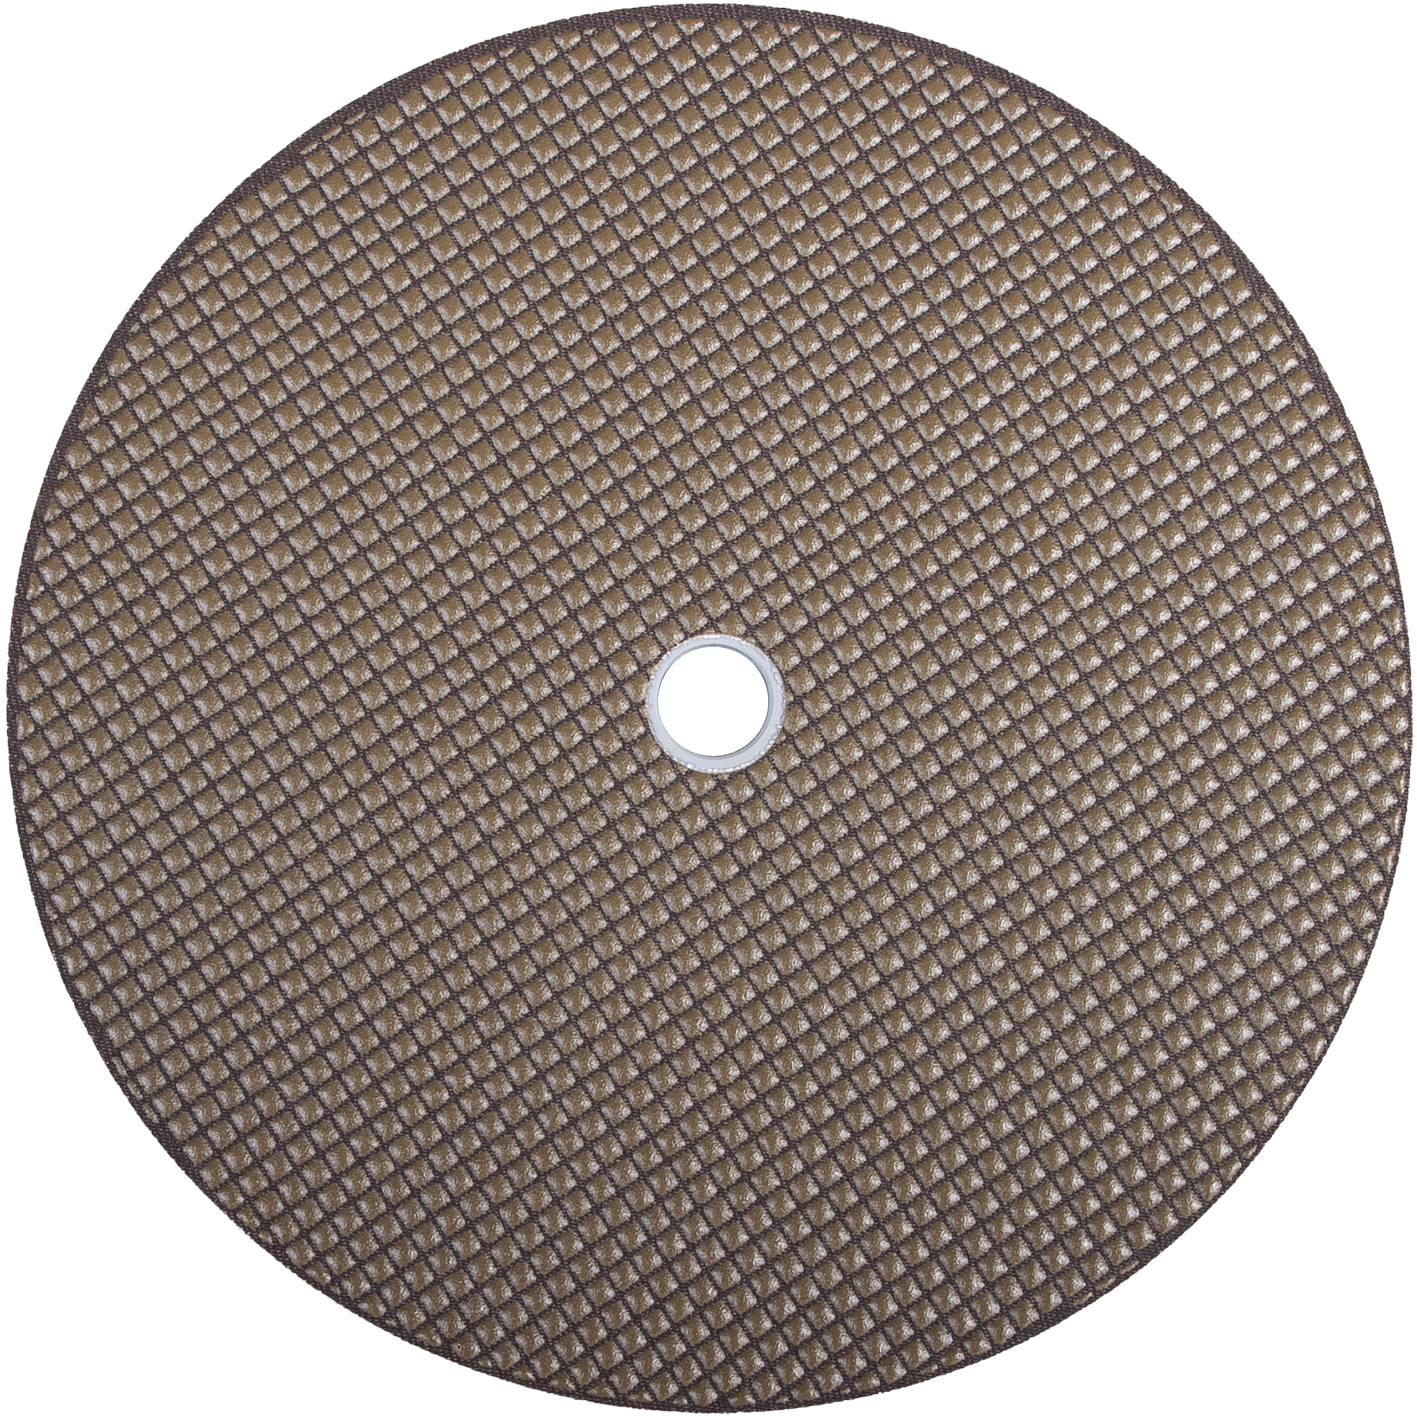 Diamantschleifteller OCTRON ø 250 mm │ Klett │ Korn 800